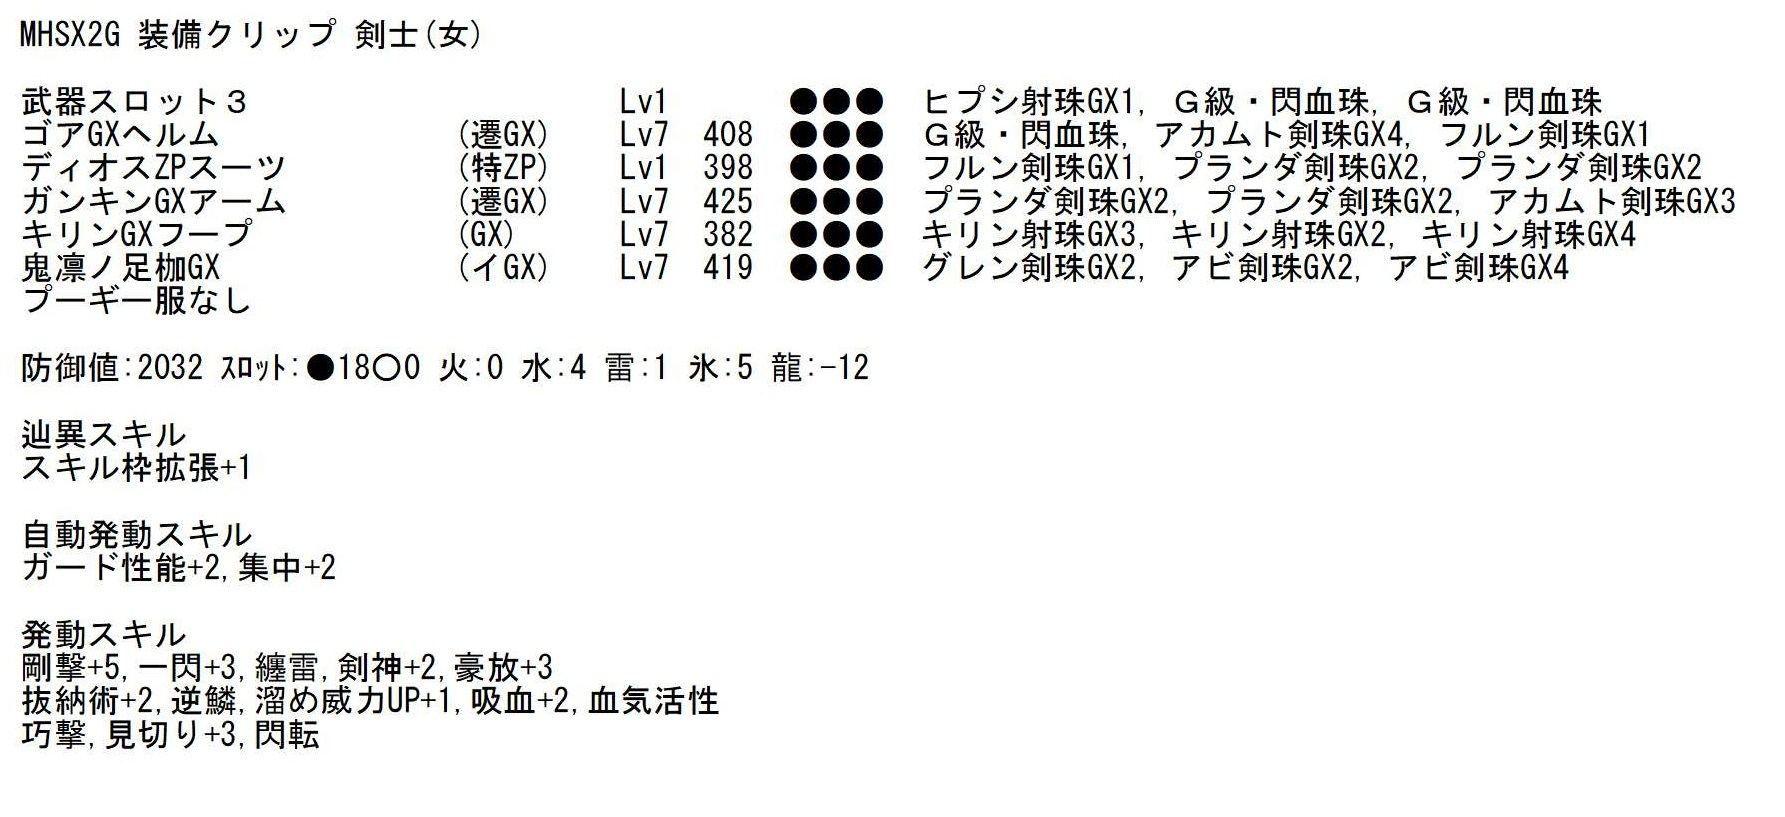 メモ帳-9